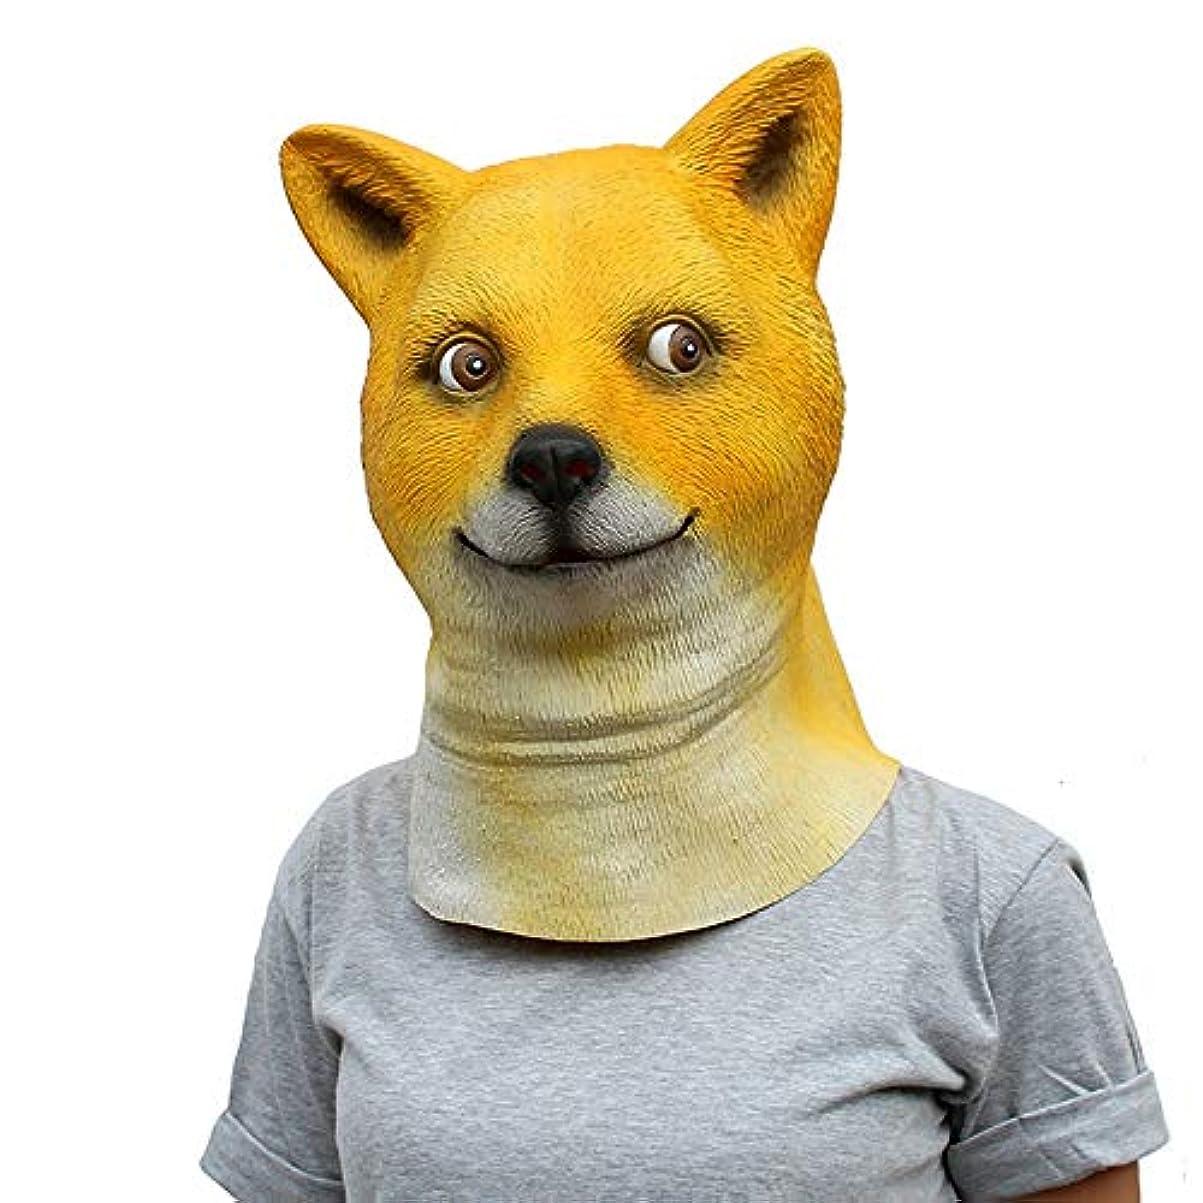 バインドしばしば花嫁ハロウィンラテックスマスクかわいい犬ヘッドマスクバーダンスパーティー小道具フェイスマスク